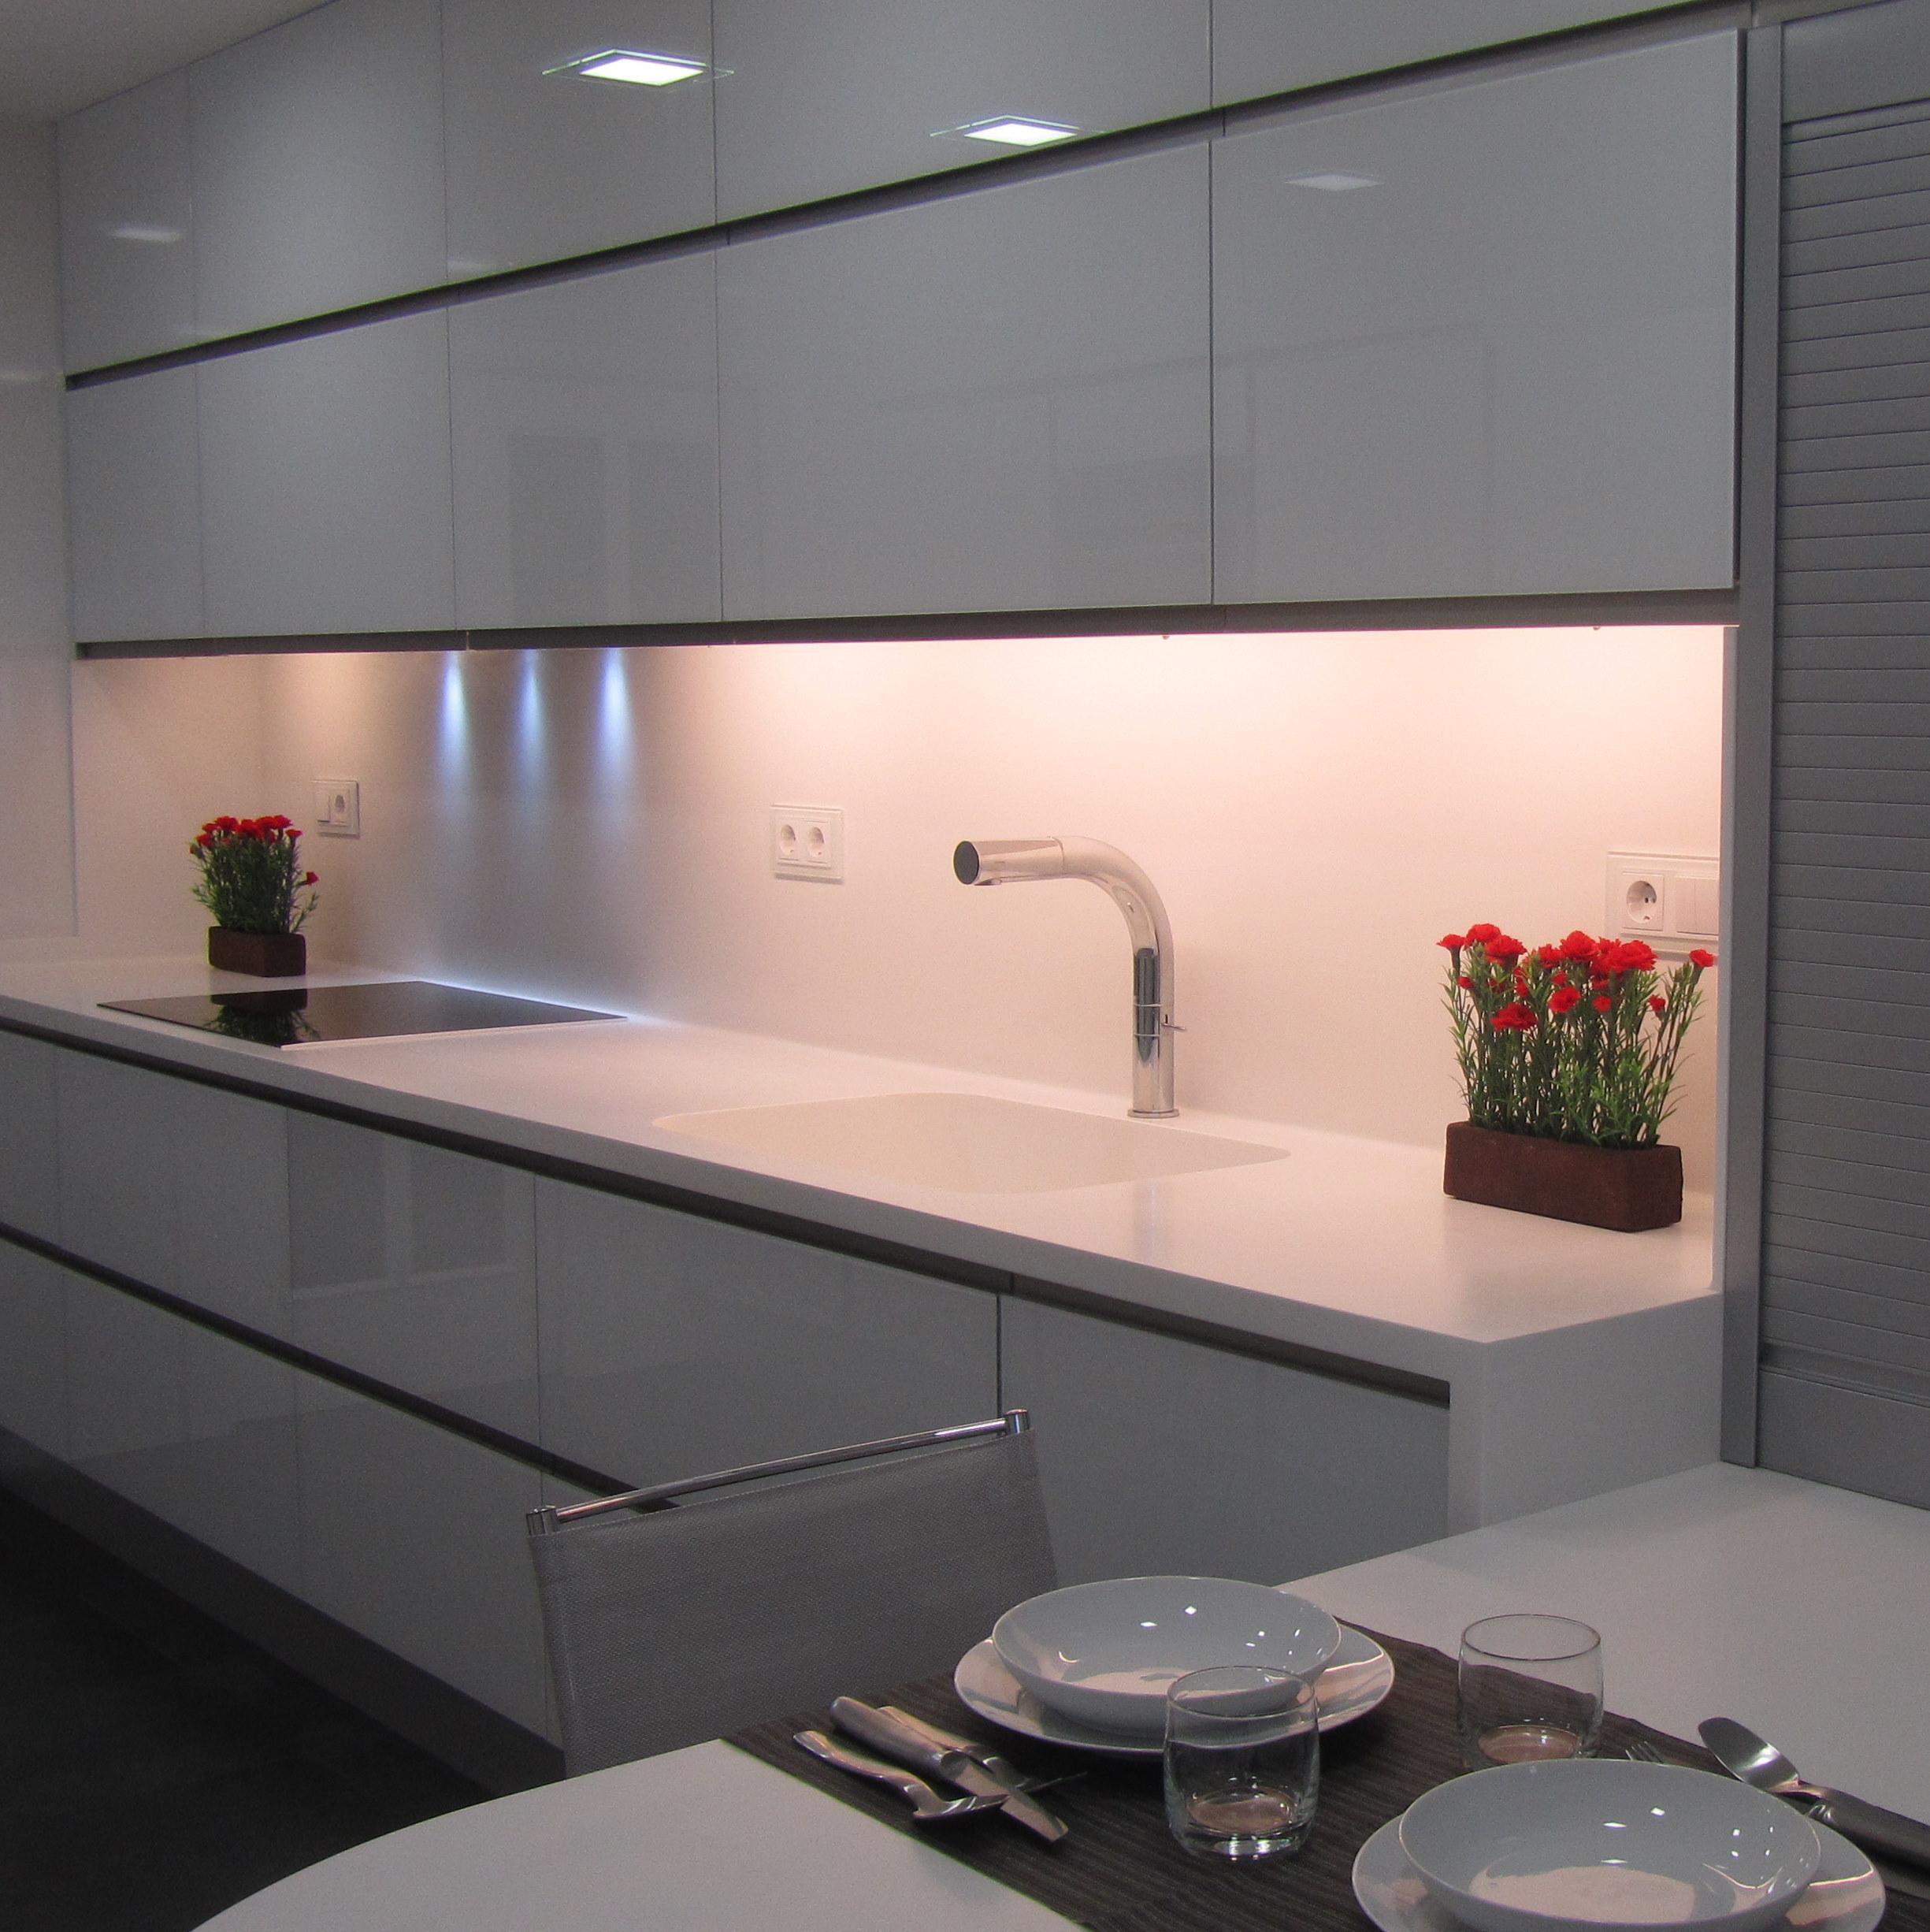 Genial Encimeras De Cristal Para Cocinas Fotos Mostrador Y  ~ Encimeras De Cristal Para Cocinas